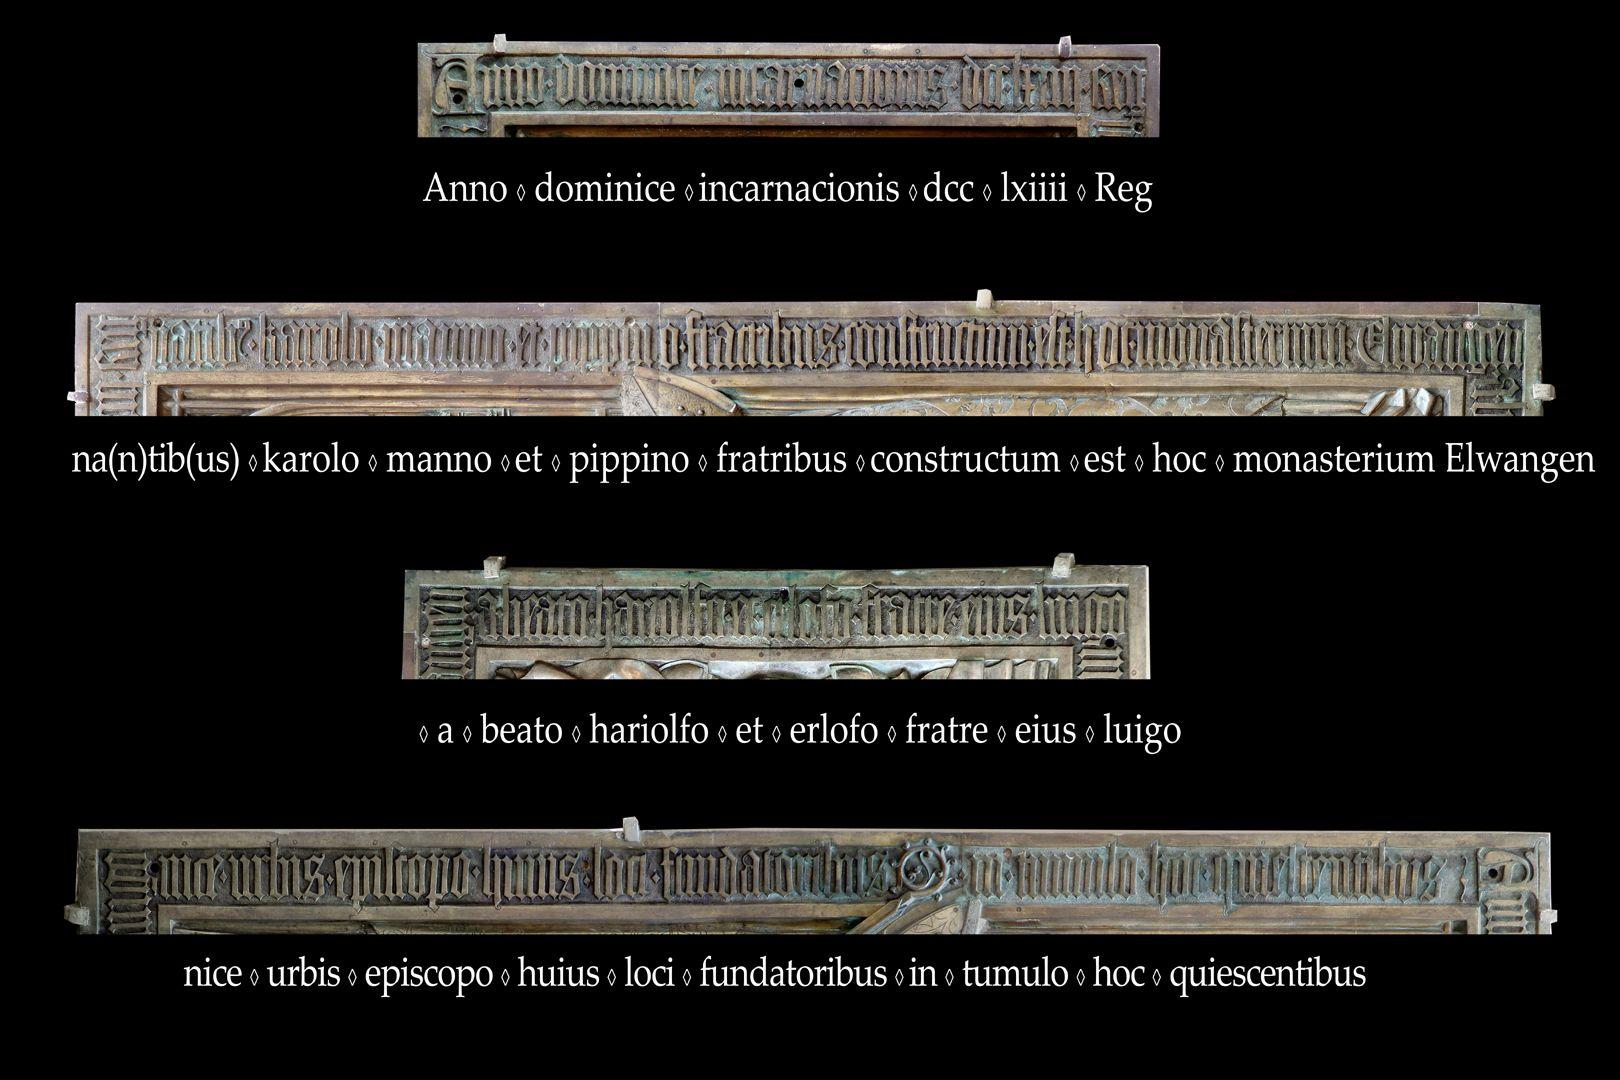 Memorienplatte für Hariolf und Erlolf Im Jahr der Menschwerdung des Herrn 764 als die Brüder Karlmann und Pippin regierten, wurde dieses Kloster Ellw. von den Gründern dieses Ortes, dem selig. Hariolf und seinem Bruder Erlolf, dem Bischof der Stadt Langres, errichtet. Sie ruhen in diesem Grab